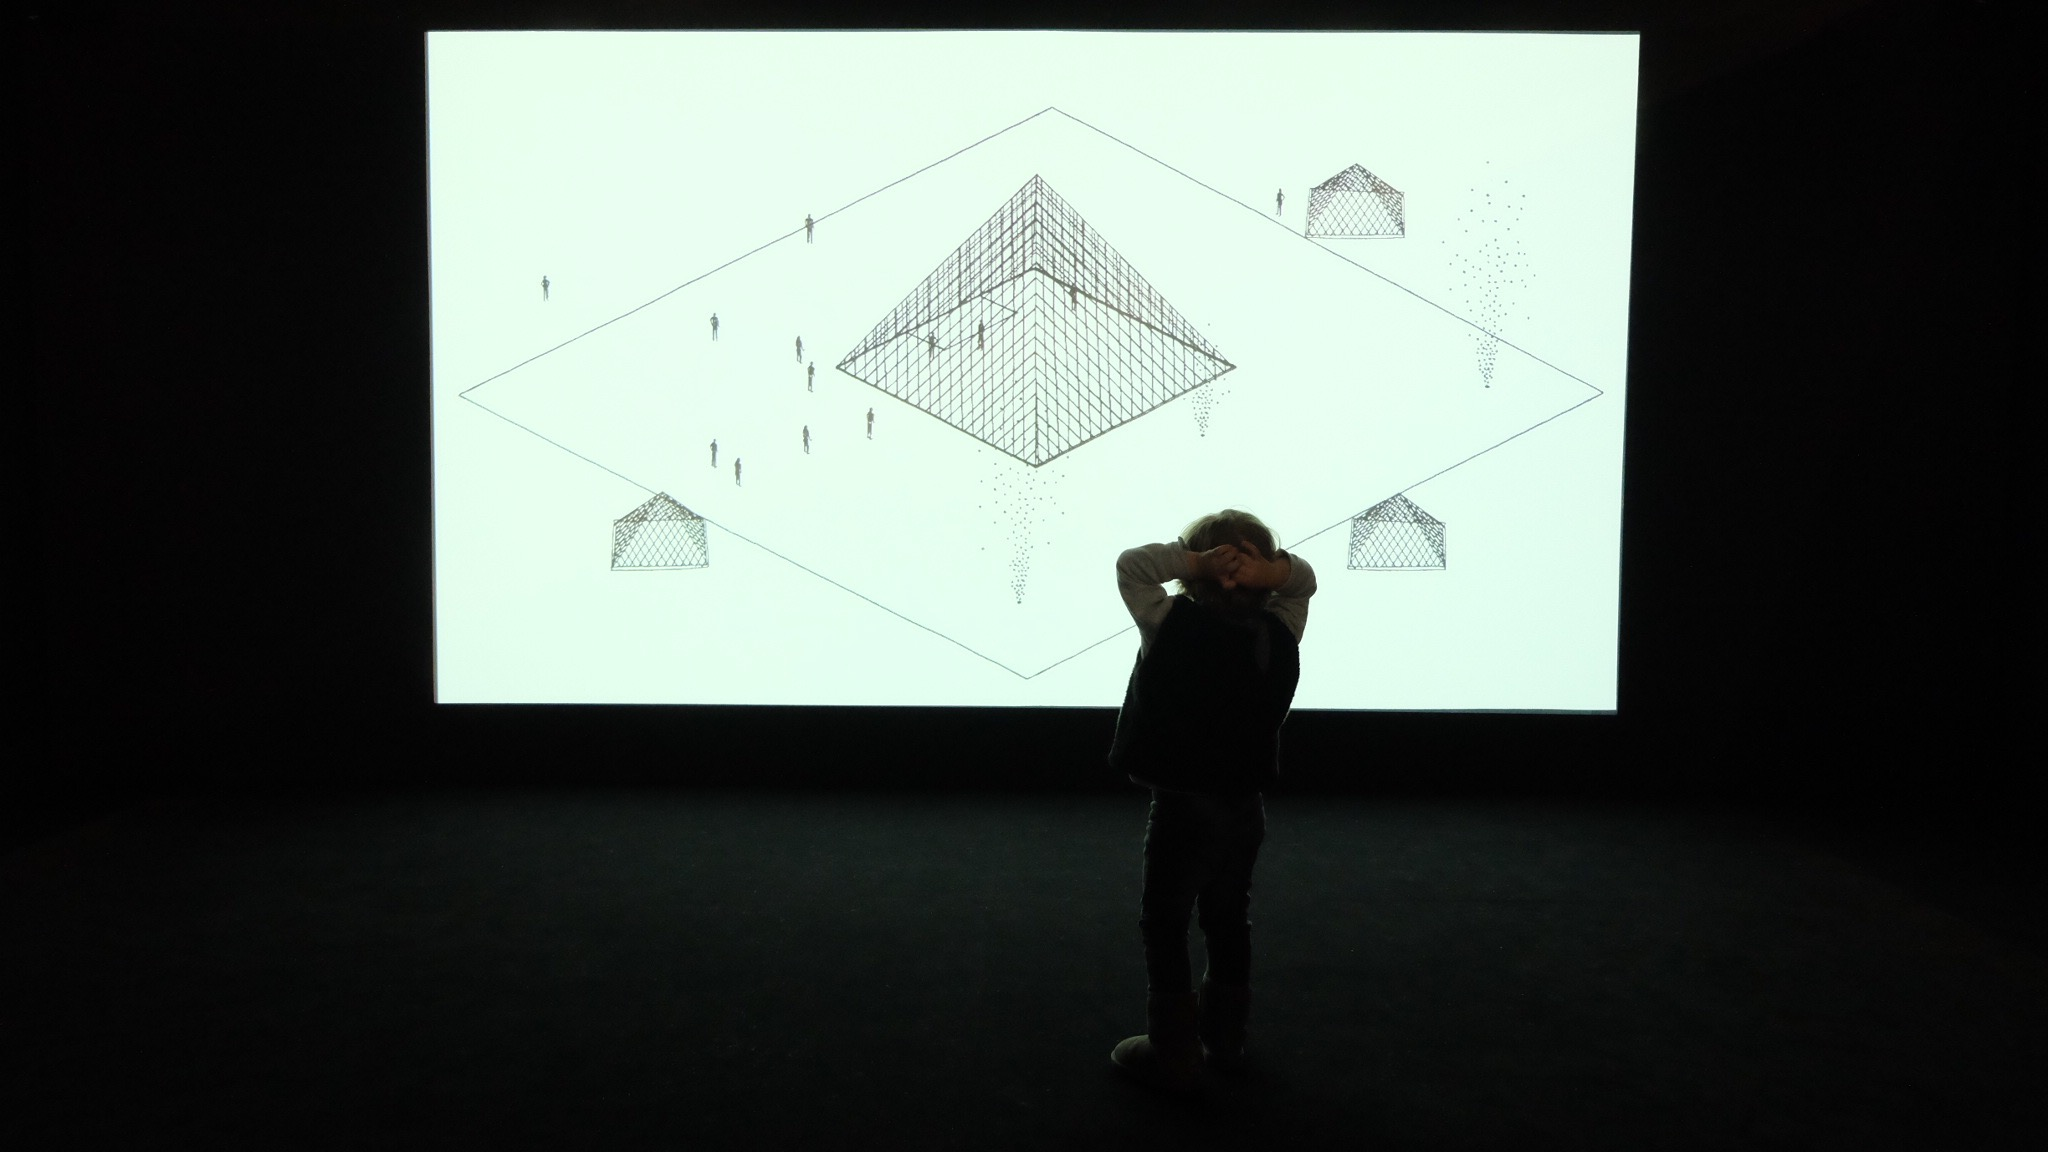 Balade au musee cy twombly au centre pompidou for Mamadou au tableau j y suis deja